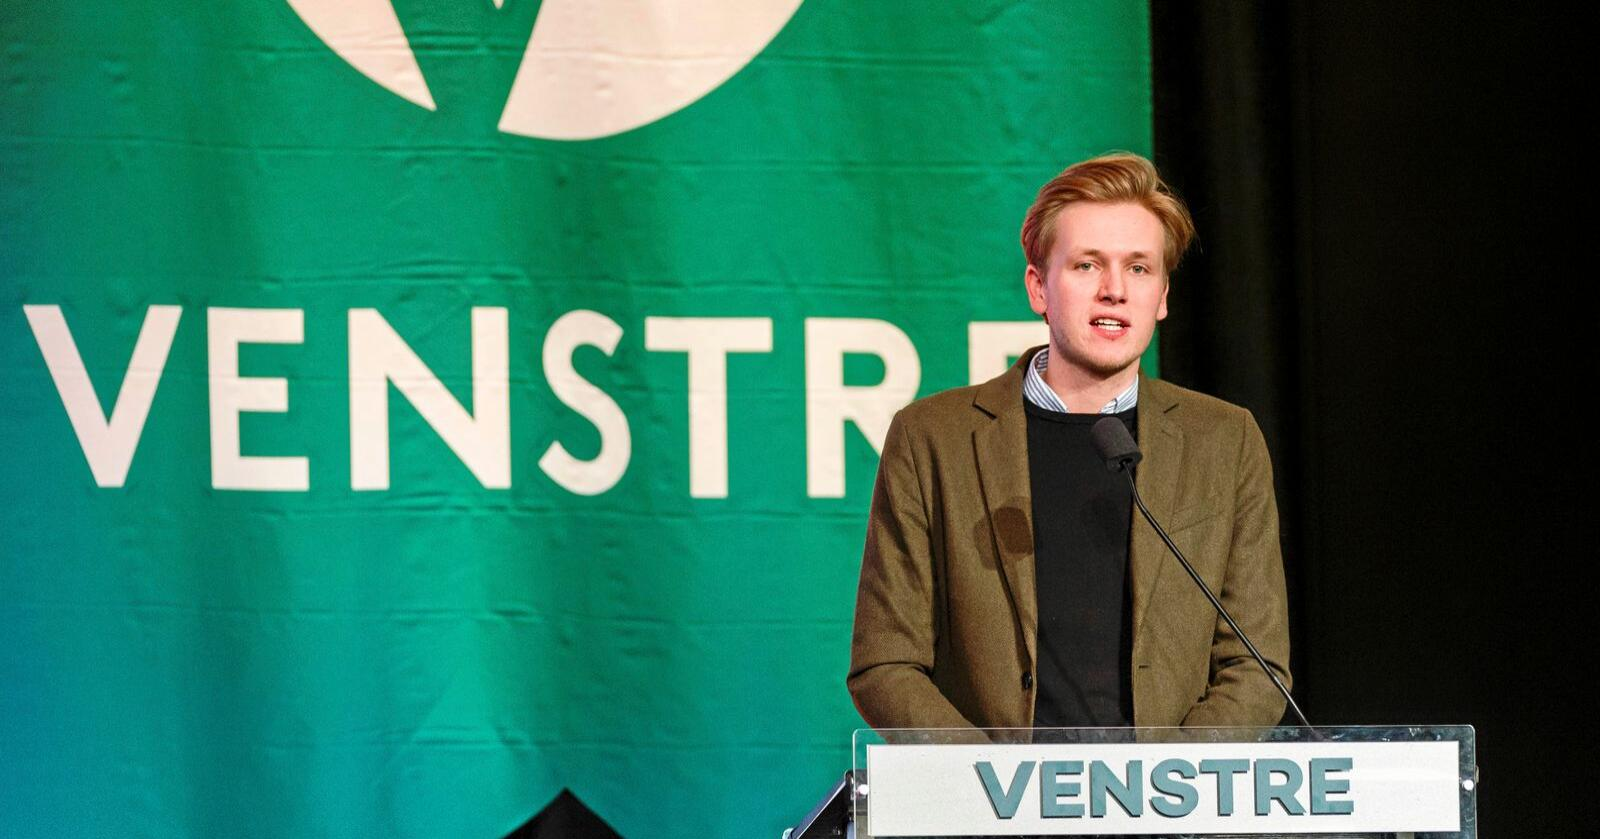 Omkamp: Unge Venstres leder Sondre Hansmark mener partiet ble forledet av lakselobbyen, og varsler omkamp om grunnrenteskatt. Foto: Ned Alley/NTB scanpix